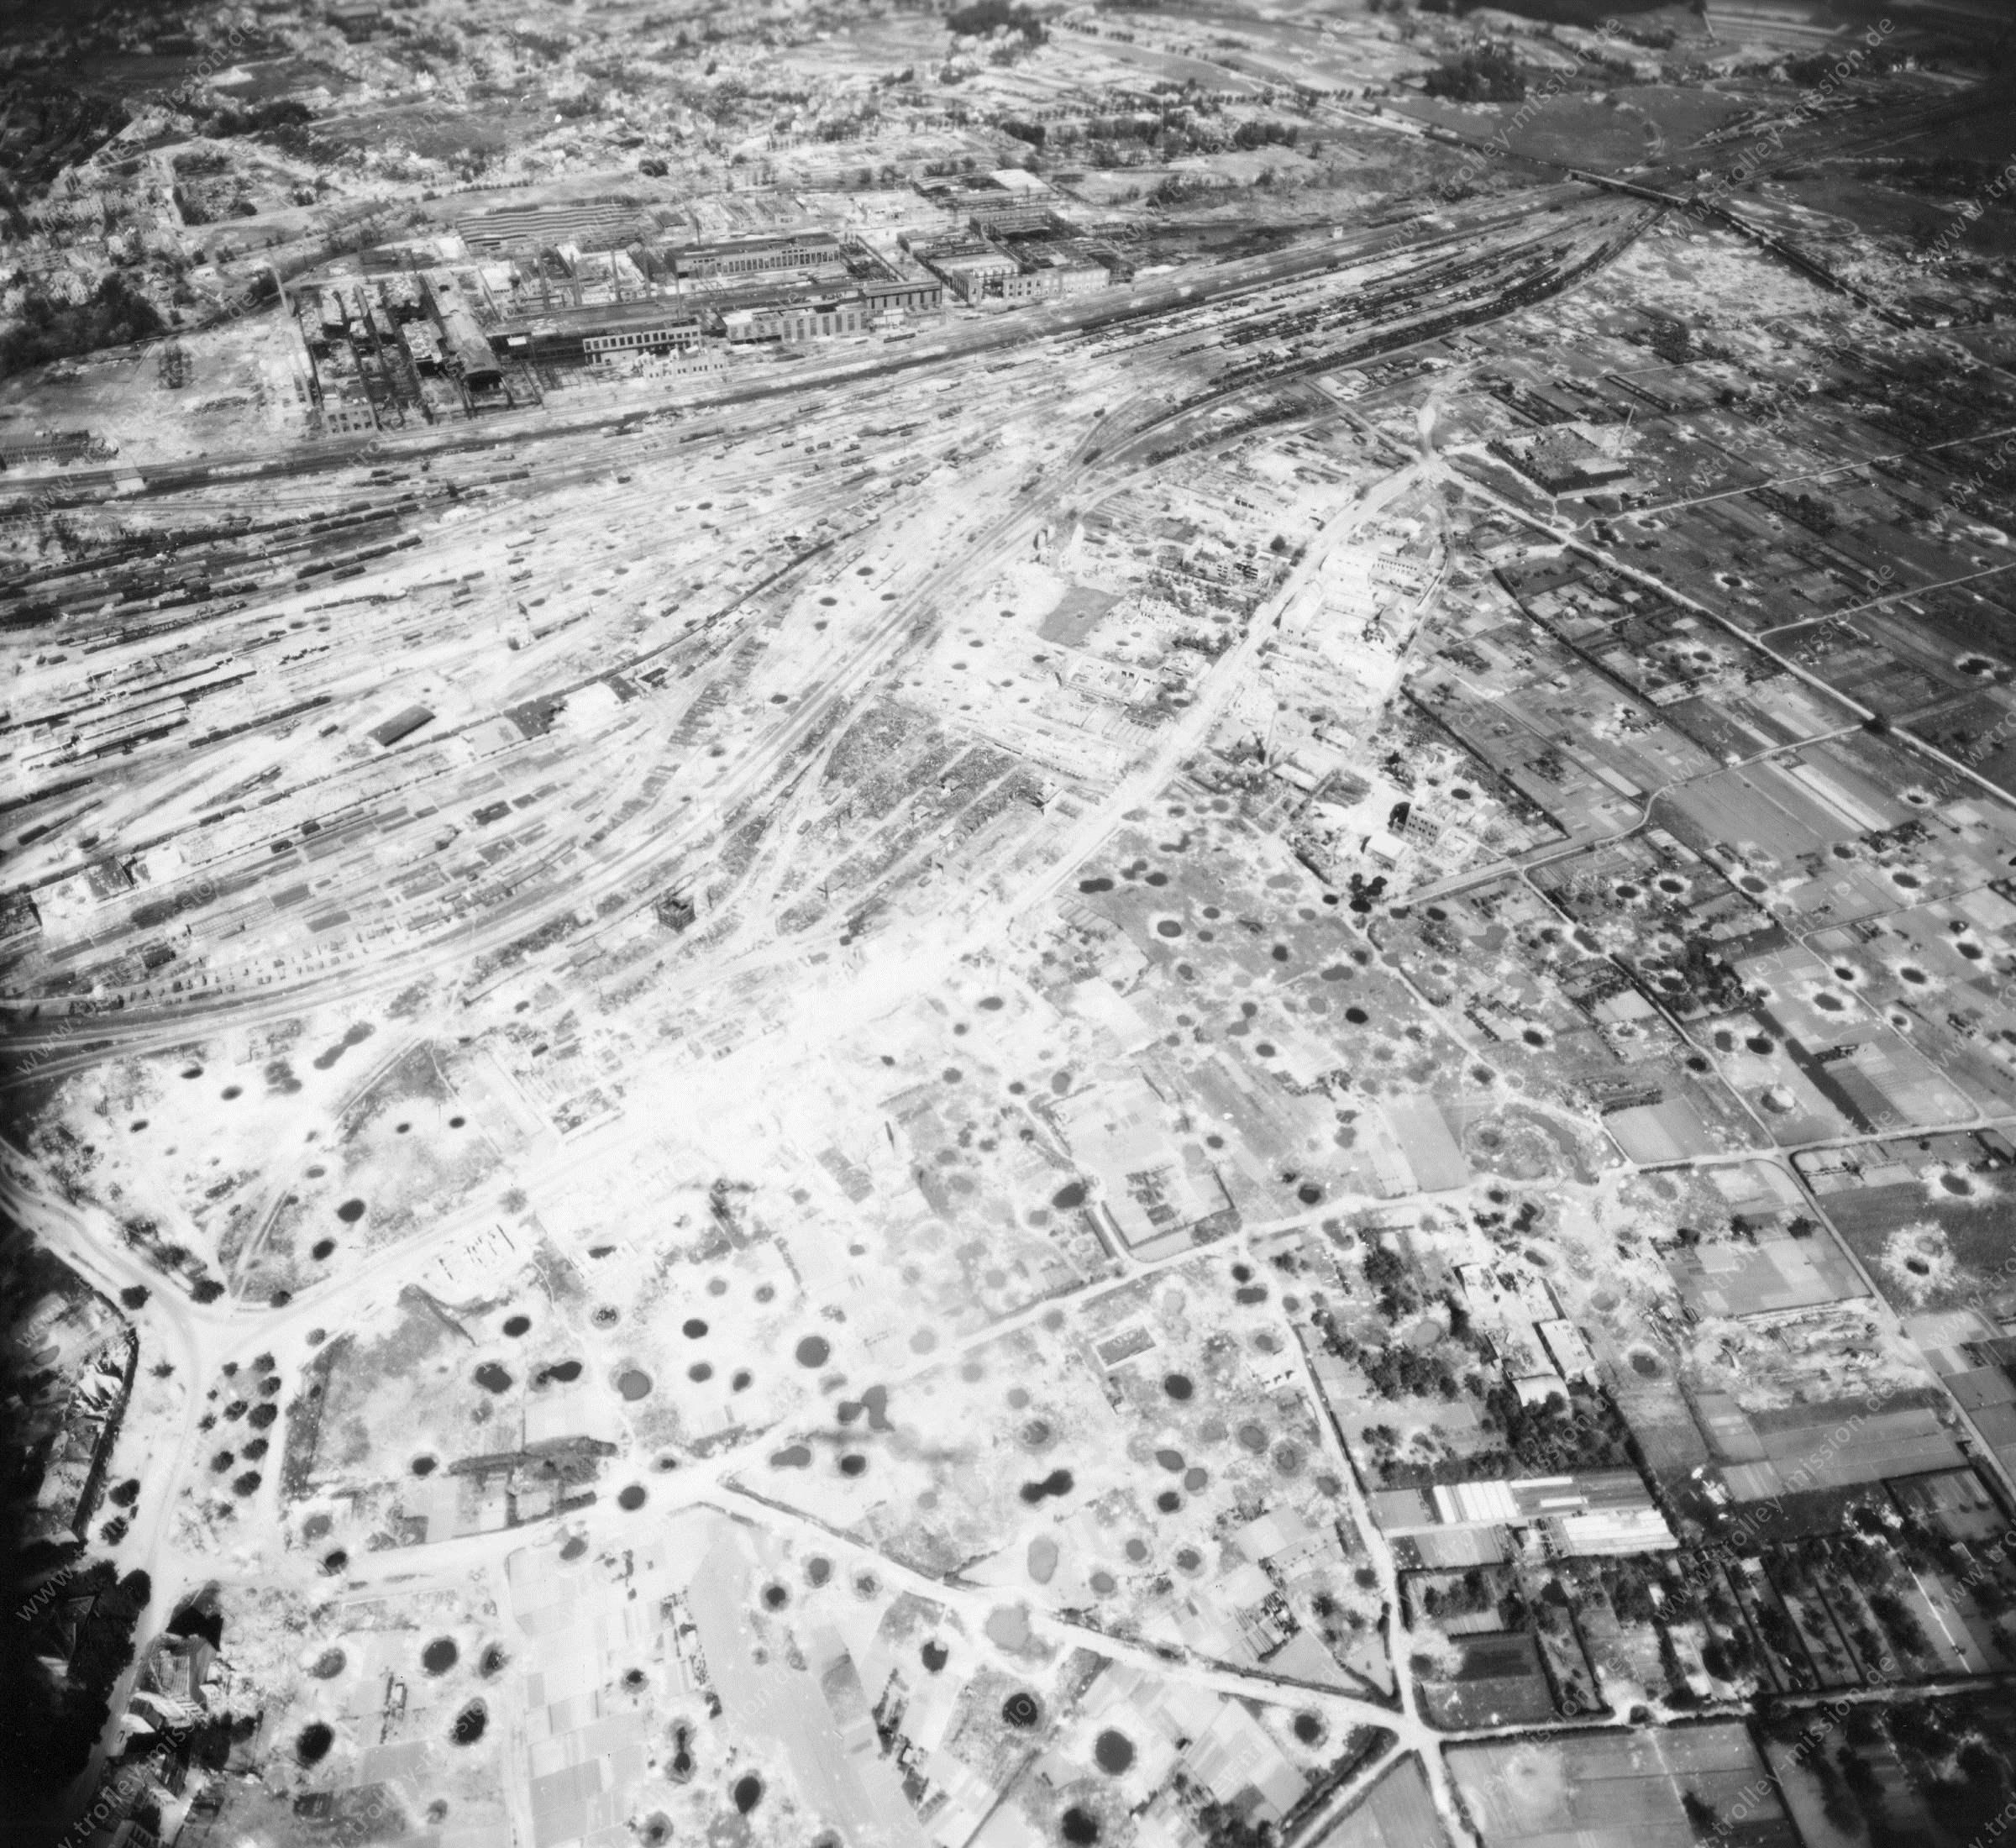 Luftbild von Osnabrück am 12. Mai 1945 - Luftbildserie 6/9 der US Air Force